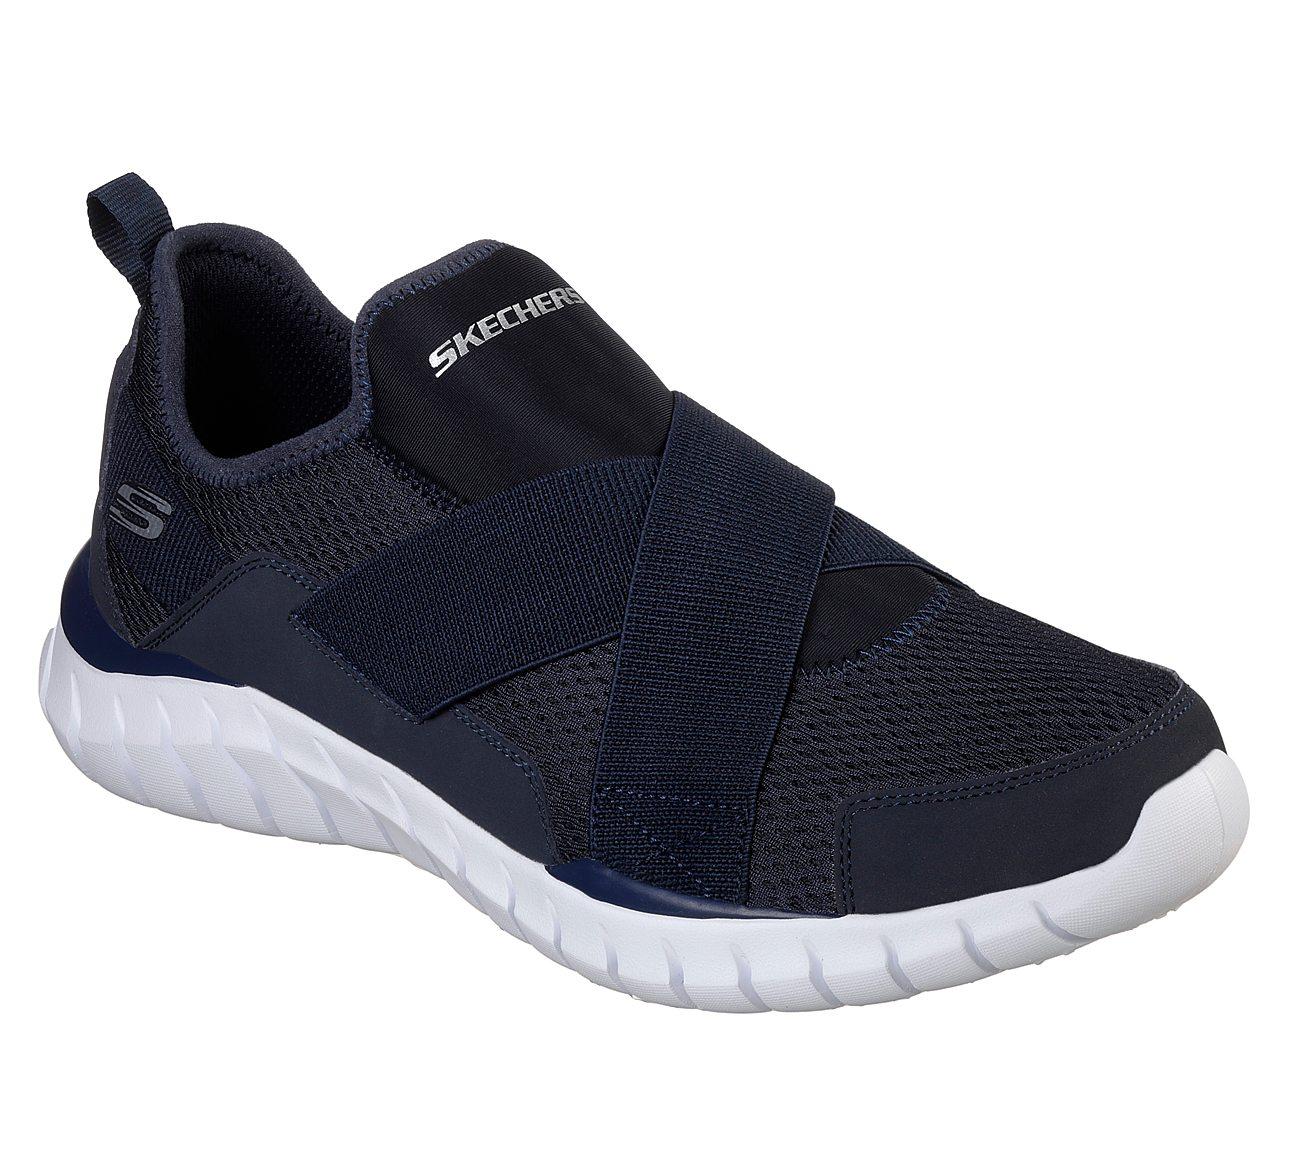 7c99b8eee70a1 Buy SKECHERS Overhaul Sport Shoes only  75.00